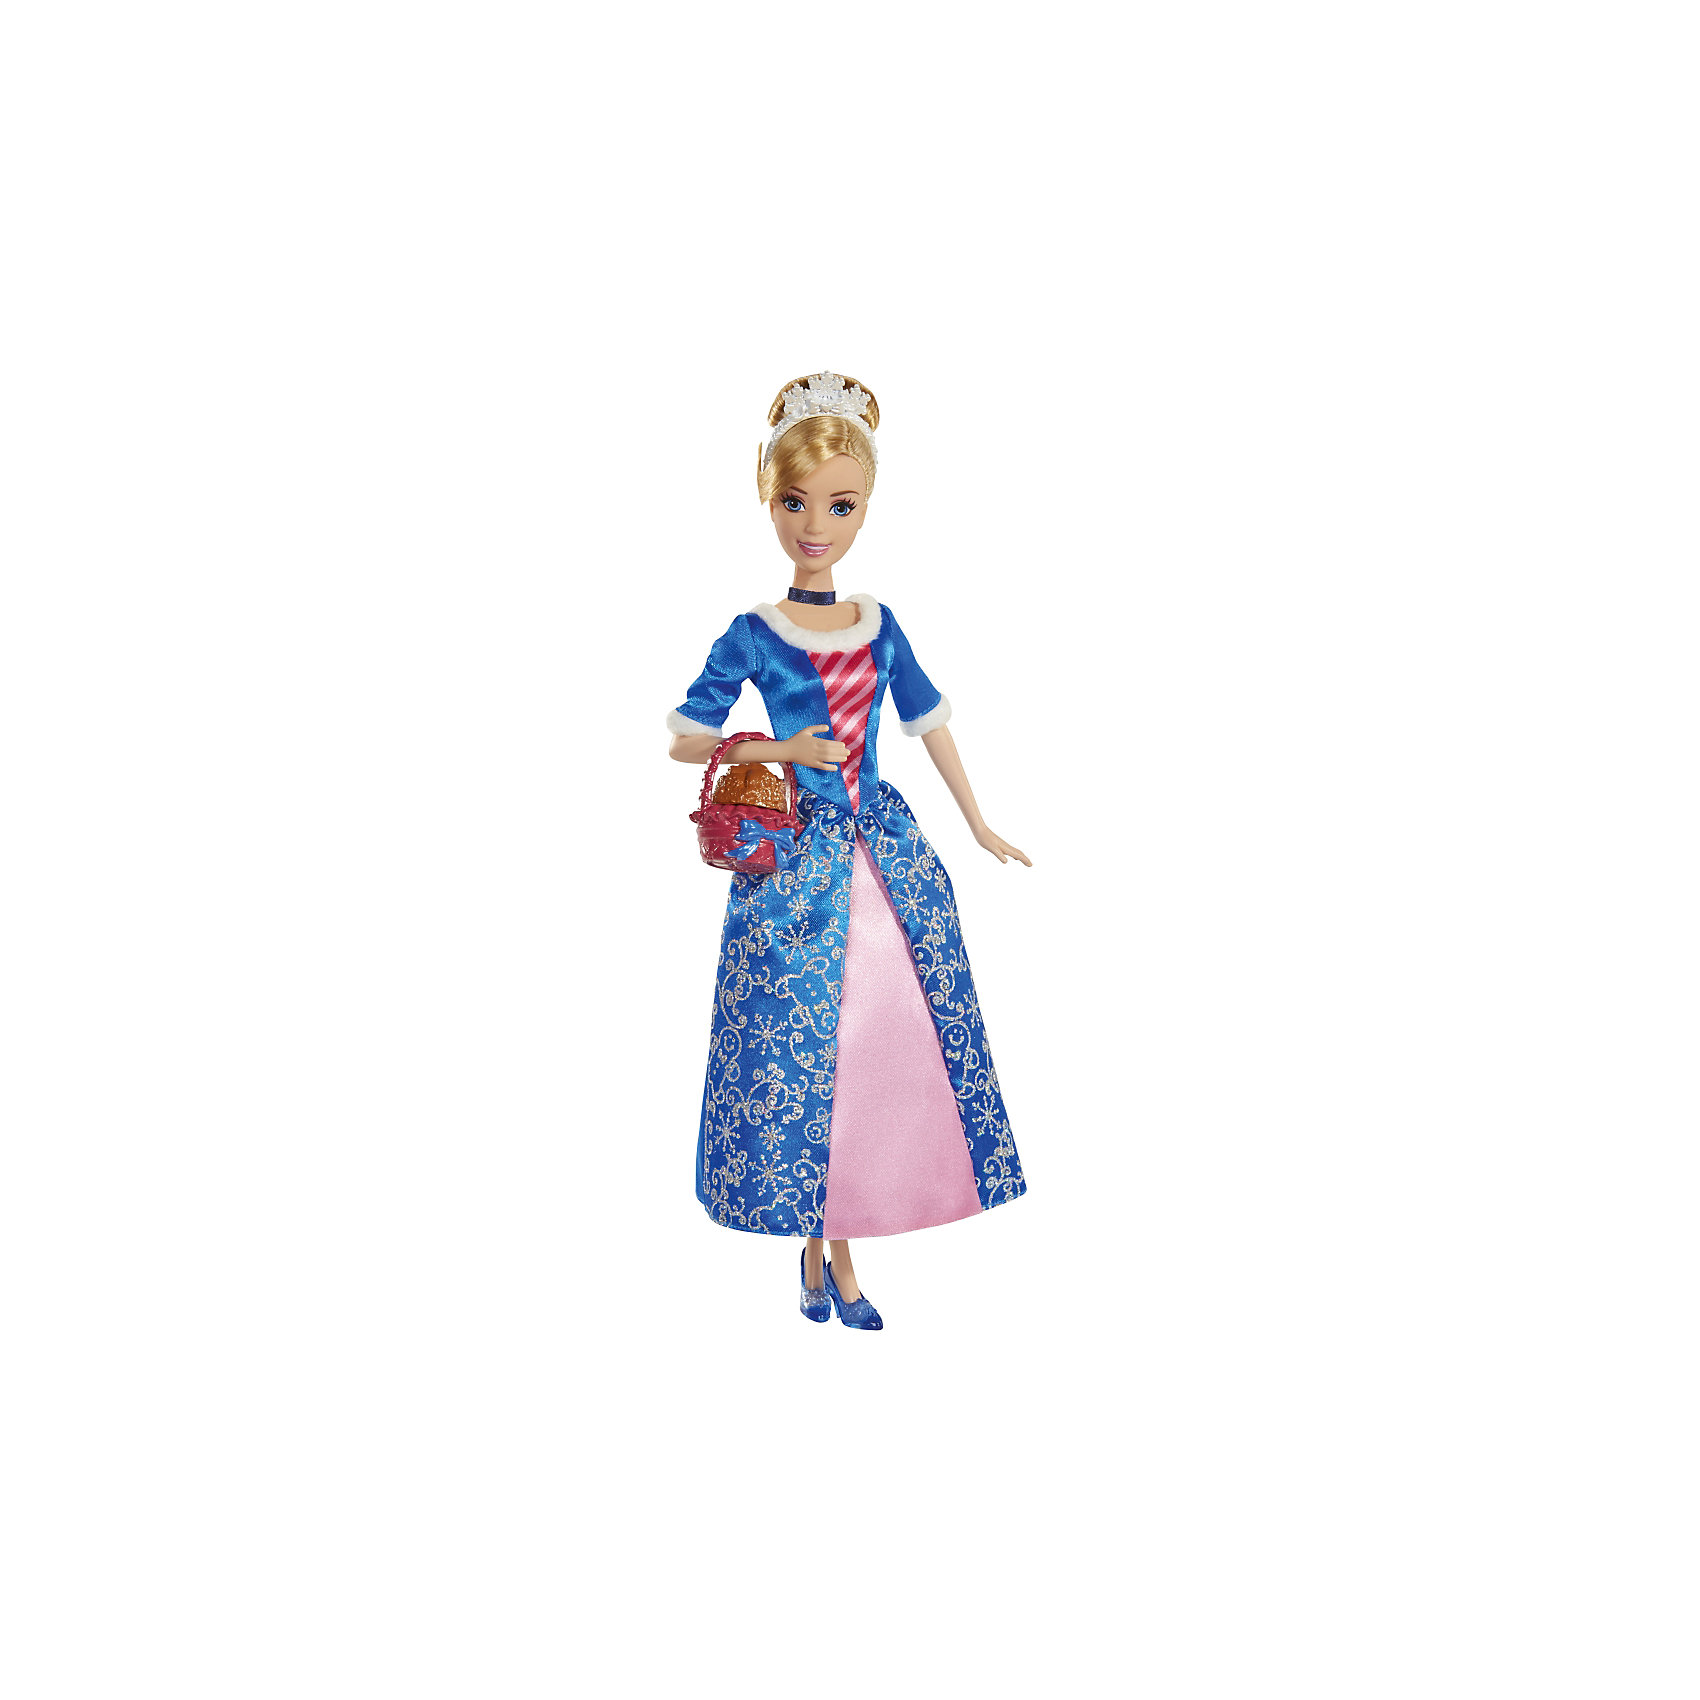 Кукла Золушка со сладостями, Принцессы ДиснейИгрушки<br>Кукла Золушка, Disney Princess (Принцесса Диснея) – это принцесса Золушка с корзиной ароматного имбирного печенья.<br>Милая добрая Золушка героиня одноименной сказки станет прекрасным подарком для малышки. Любимая не одним поколением детей во всем мире Золушка как всегда безупречна и красива. На Золушке — светло-голубое платье, юбка которого украшена серебряными узорами. Верхняя часть платья и рукава обшиты мехом. На голове у куклы высокая прическа из светлых волос и диадема. На ногах - изящные туфли на каблуках. Золушка порадует девочку ароматным игрушечным печеньем, которое пахнет как настоящее лакомство. Печенье находится в красивой корзиночке. У куклы двигаются руки, ноги, поворачивается голова. Ваша малышка с удовольствием будет играть с этой куколкой, проигрывая сюжеты из мультфильма или придумывая различные истории.<br><br>Дополнительная информация:<br><br>- В комплекте: кукла, корзиночка с печеньем<br>- Материал: высококачественный пластик, текстиль<br>- Рост куклы: 28 см.<br>- Размер упаковки: 32,5 х 15 х 5,5 см.<br>- Вес: 237 гр.<br><br>Куклу Золушка, Disney Princess (Принцесса Диснея) можно купить в нашем интернет-магазине.<br><br>Ширина мм: 15<br>Глубина мм: 5<br>Высота мм: 32<br>Вес г: 237<br>Возраст от месяцев: 36<br>Возраст до месяцев: 144<br>Пол: Женский<br>Возраст: Детский<br>SKU: 4026502